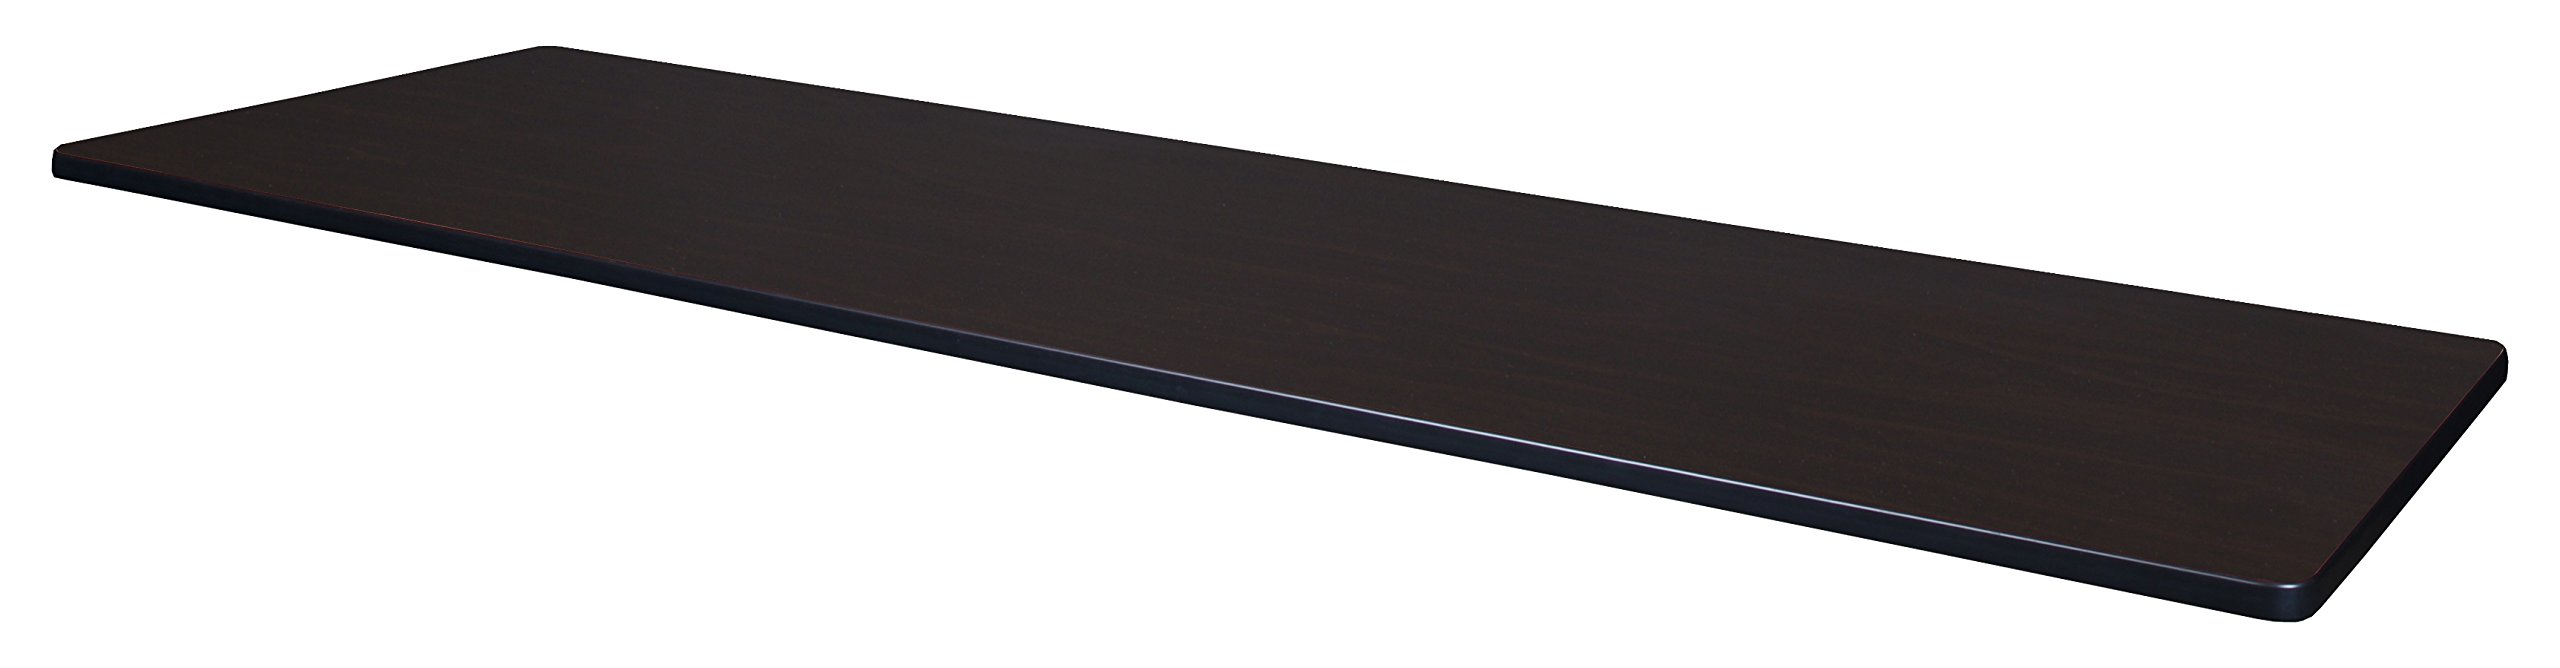 Regency 84'' x 24'' Rectangle Laminate Table Top- Mahogany/ Mocha Walnut by Regency (Image #2)